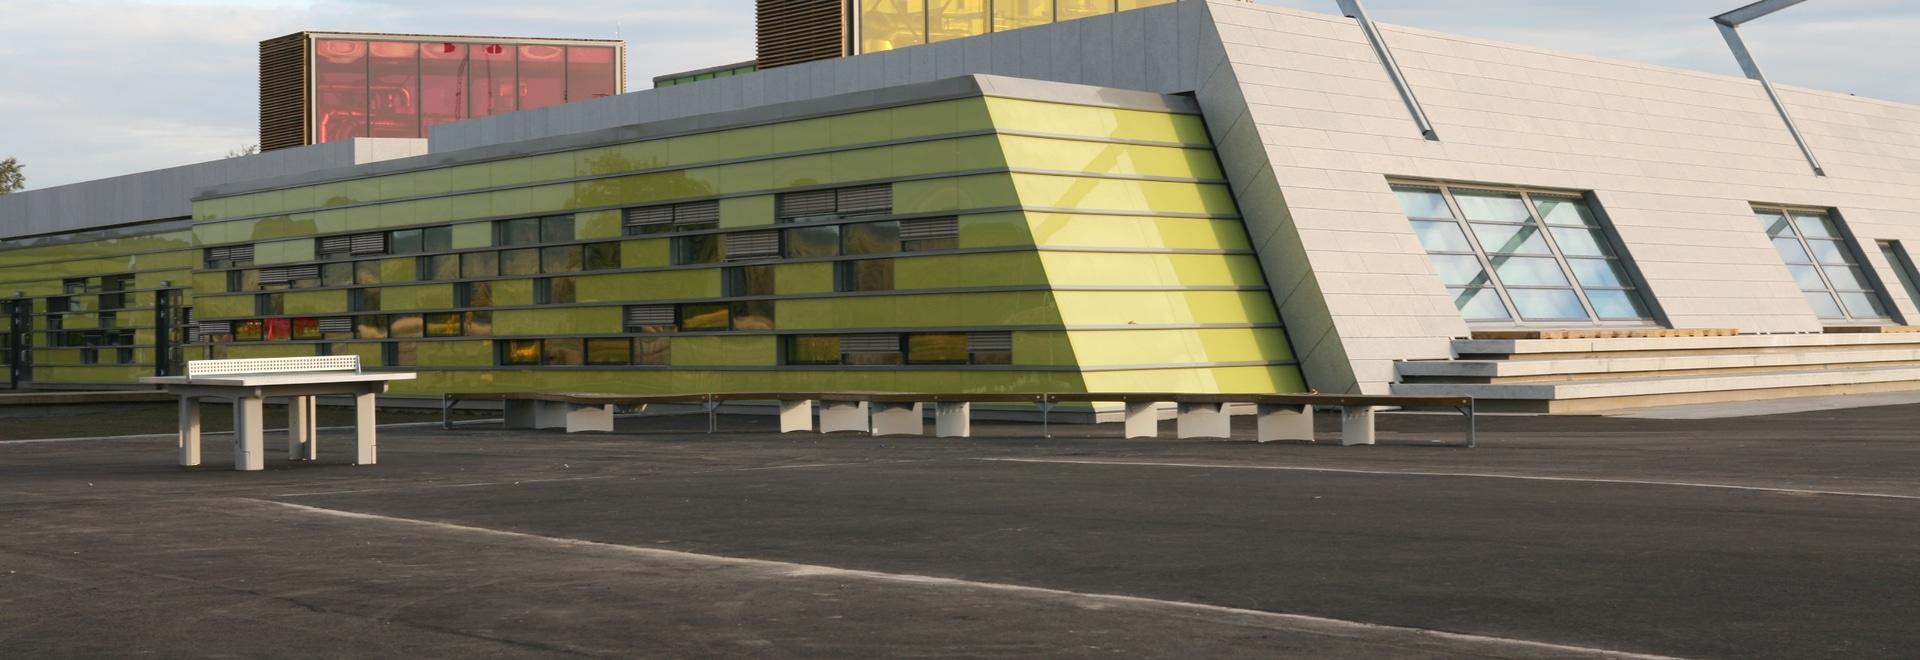 Escuela secundaria de Gjerdrum